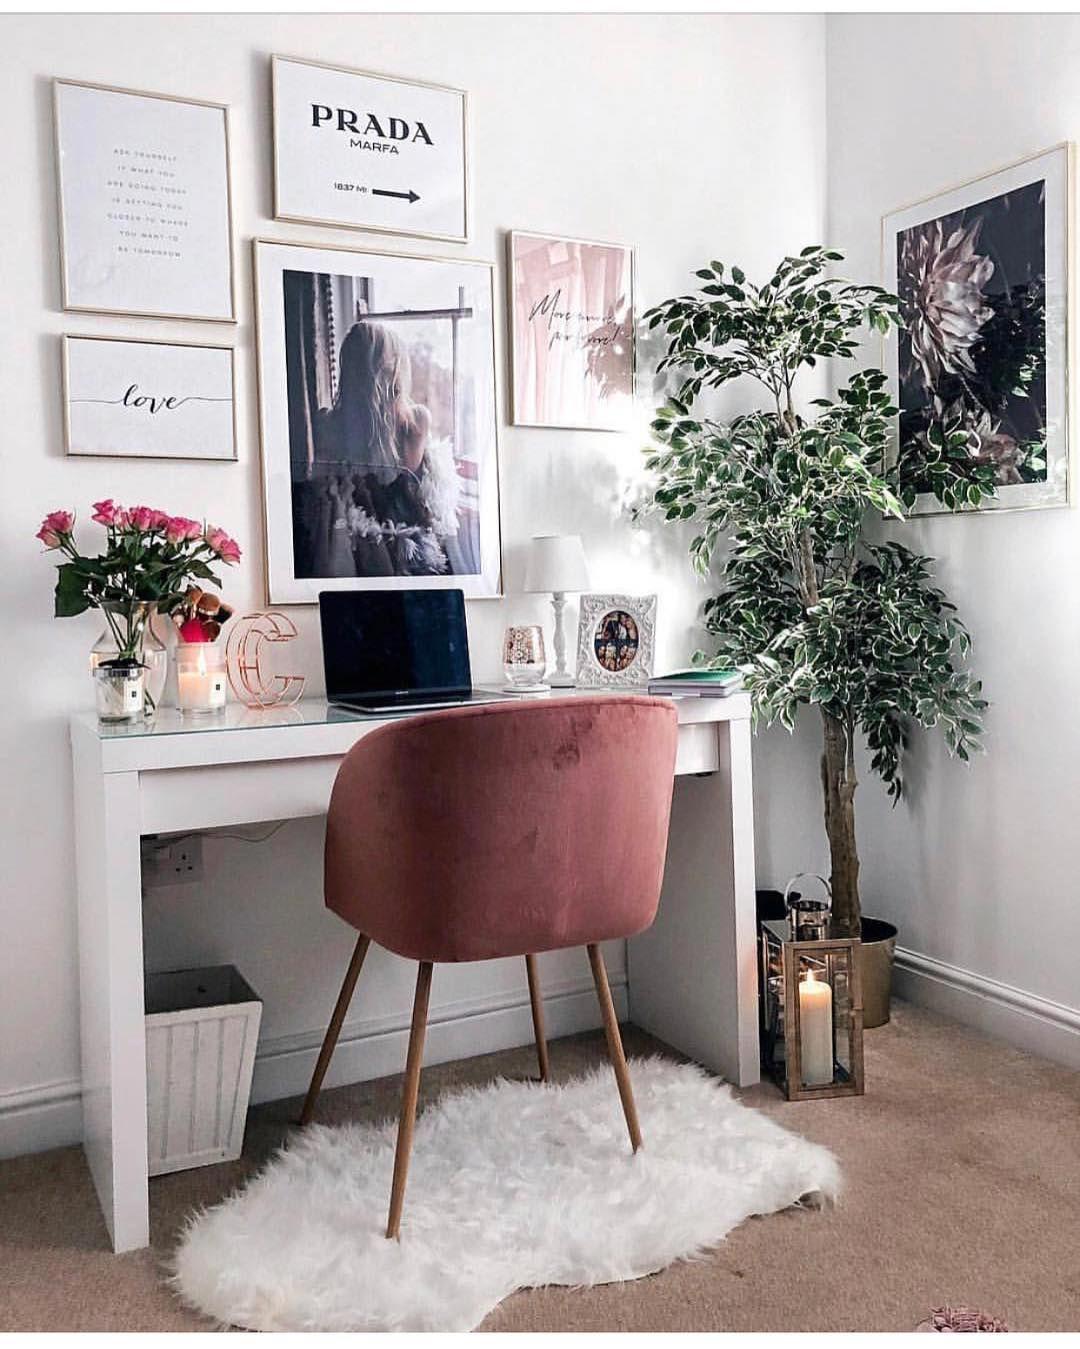 """Photo of Inspirasjon🌸 på Instagram: """"• reklame / reklame • room arbeidsrom 🌸 #wohn #interior #m #sch #interiordesign #nerwohnen #design #home #zu Hause #wohnzimmer # bel…"""""""